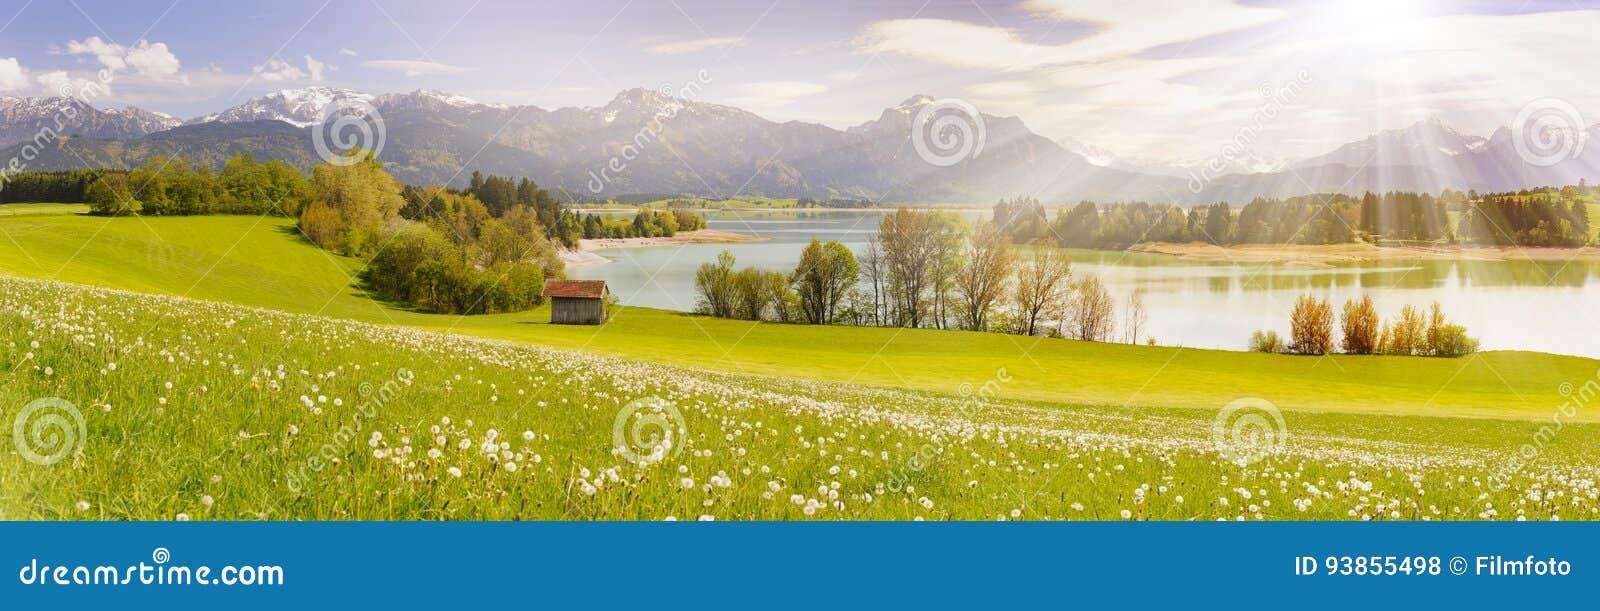 Panoramaszene im Bayern, Deutschland an den Alpenbergen mit Sonnenstrahlen über See